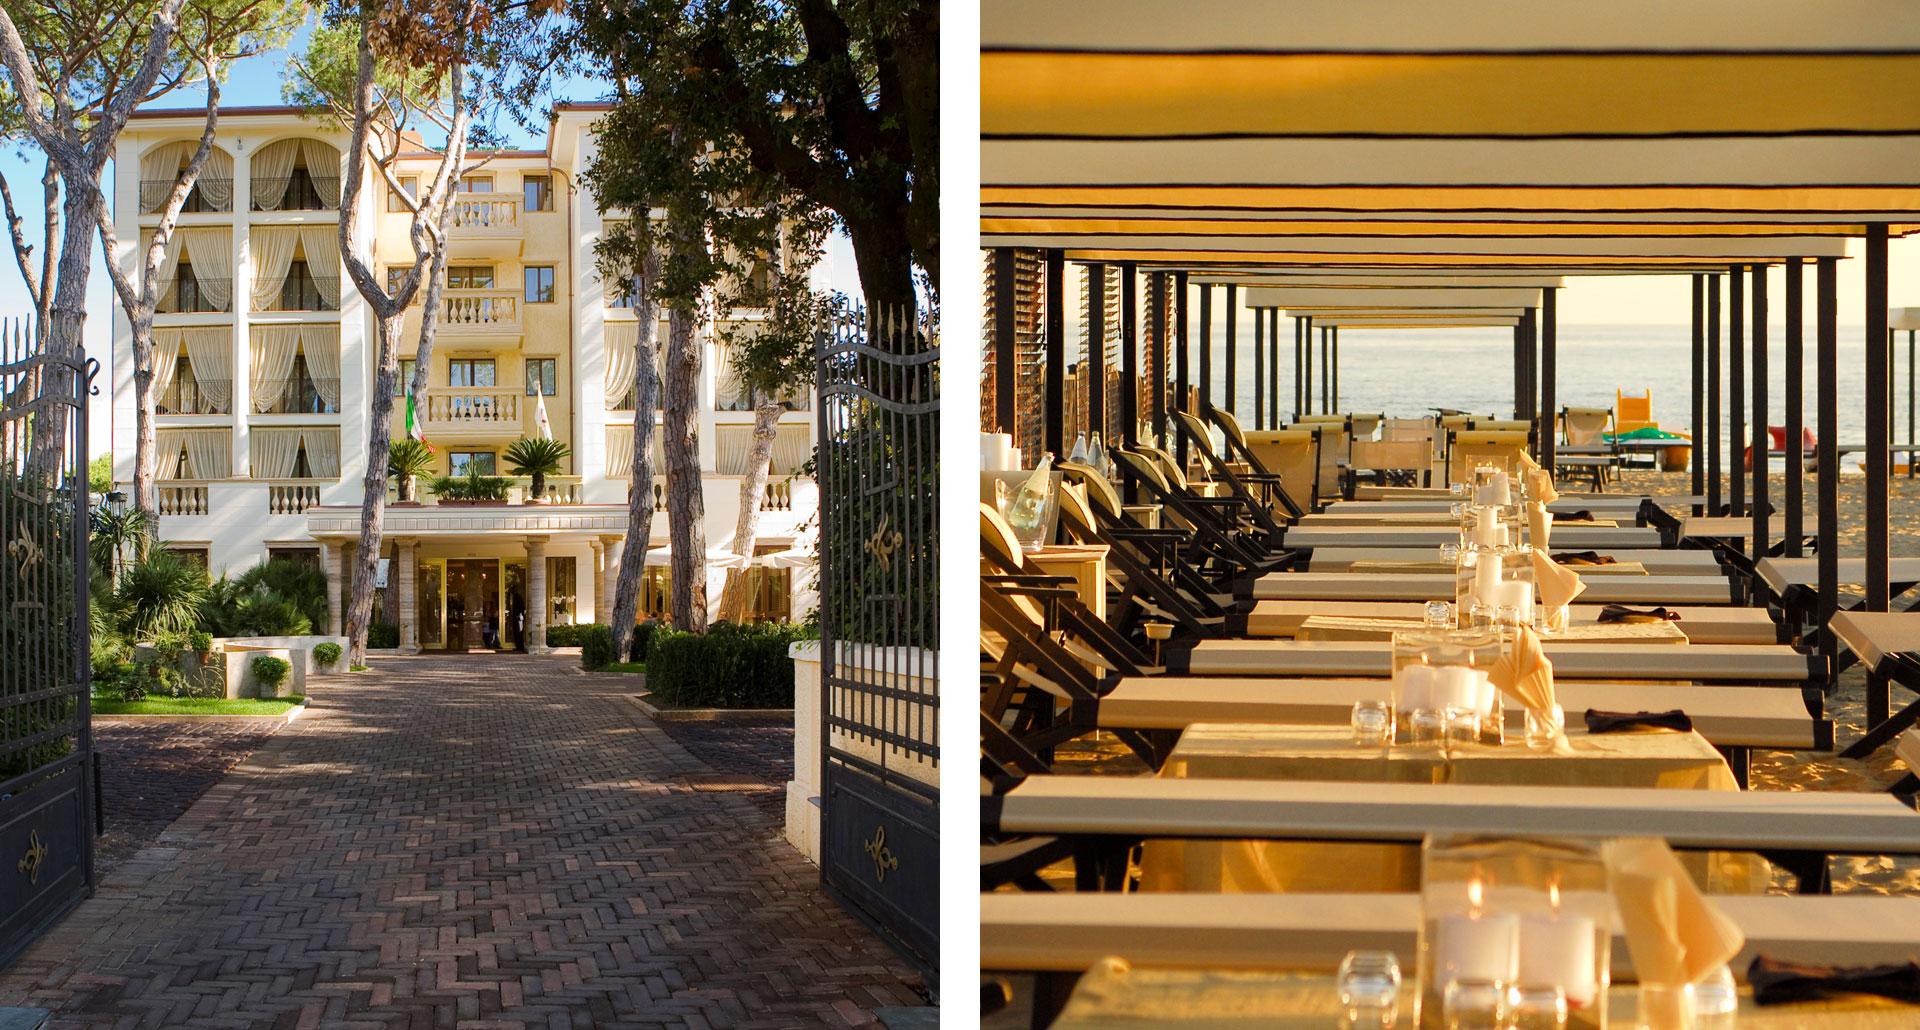 Grand Hotel Imperiale - boutique hotel in Forte dei Marmi